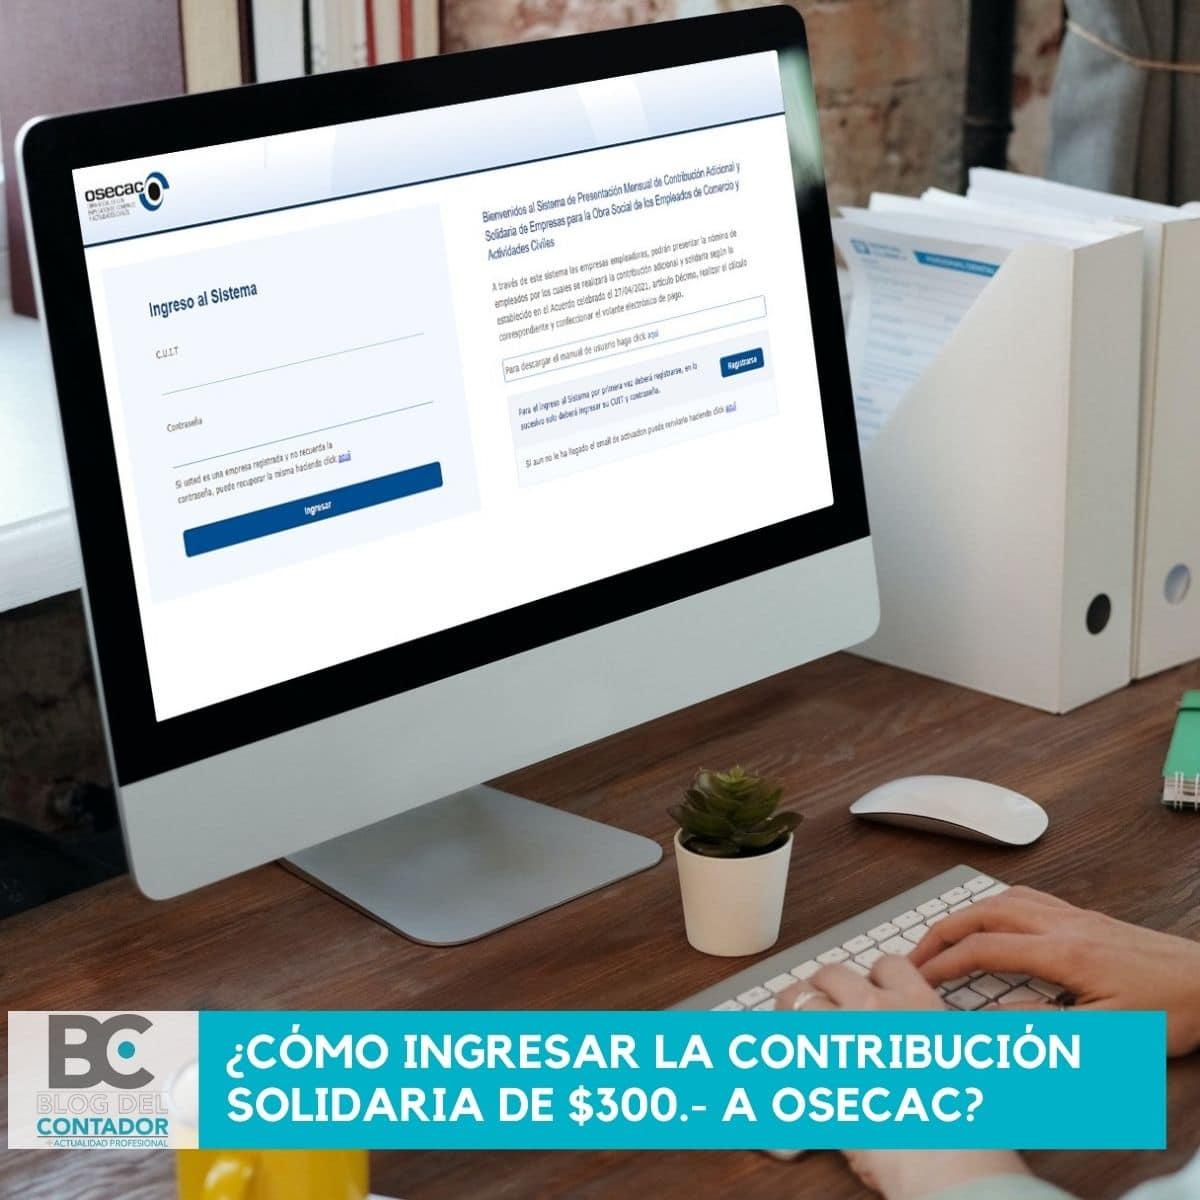 ¿cómo ingresar la contribución solidaria de $300.- a OSECAC